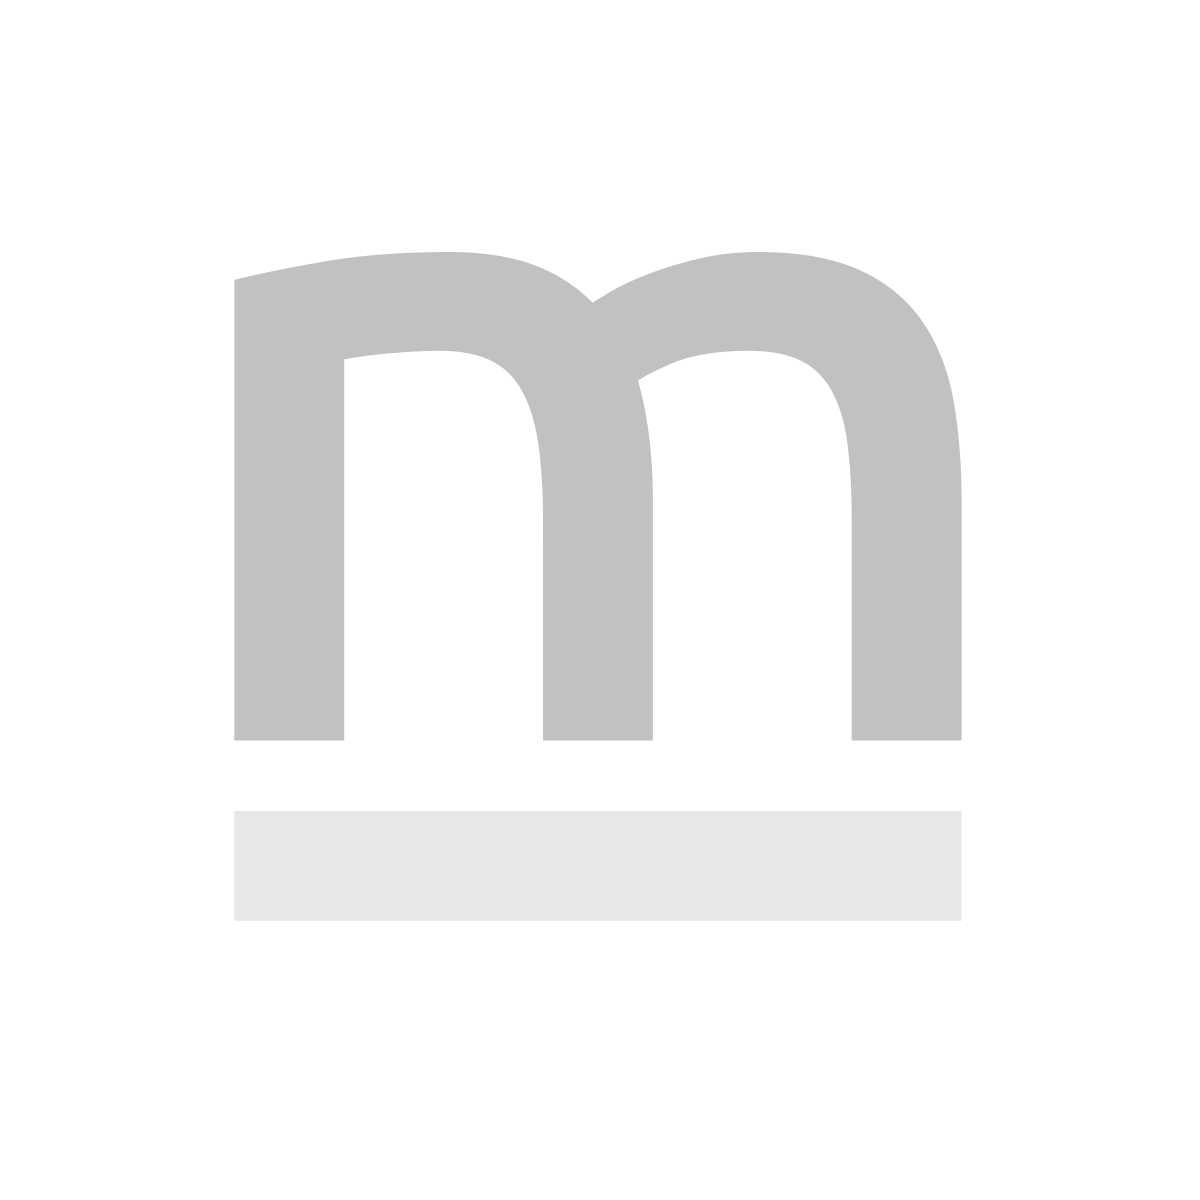 Dywan dziecięcy GALLETA AZUL 120x160 niebieski